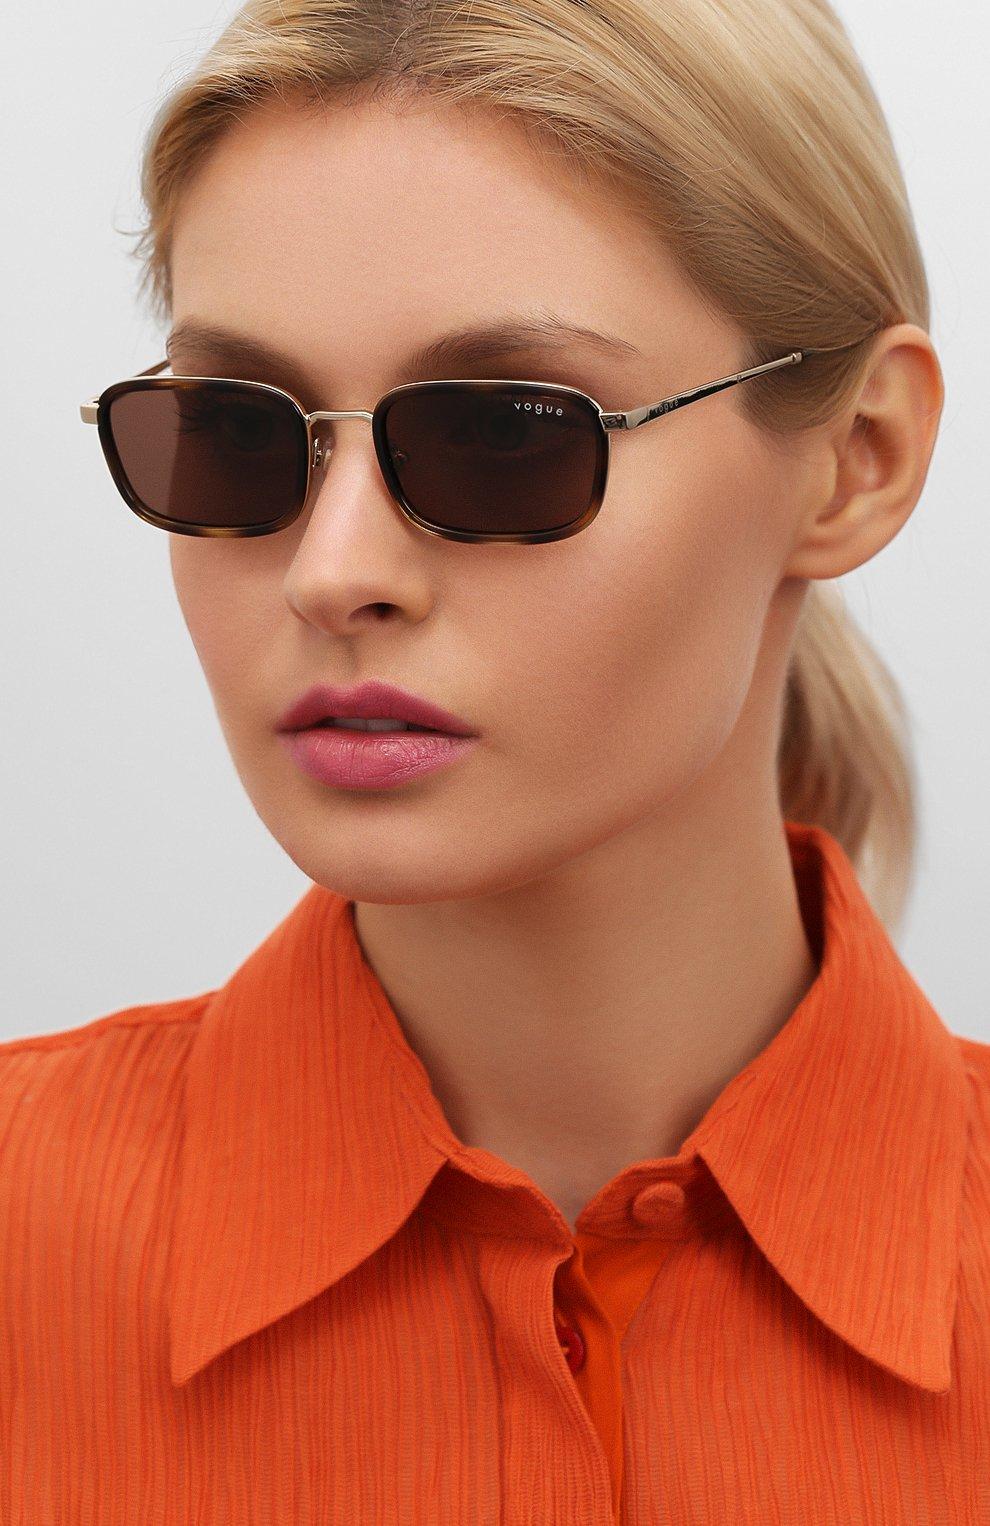 Женские солнцезащитные очки VOGUE коричневого цвета, арт. 4166S-848/73 | Фото 2